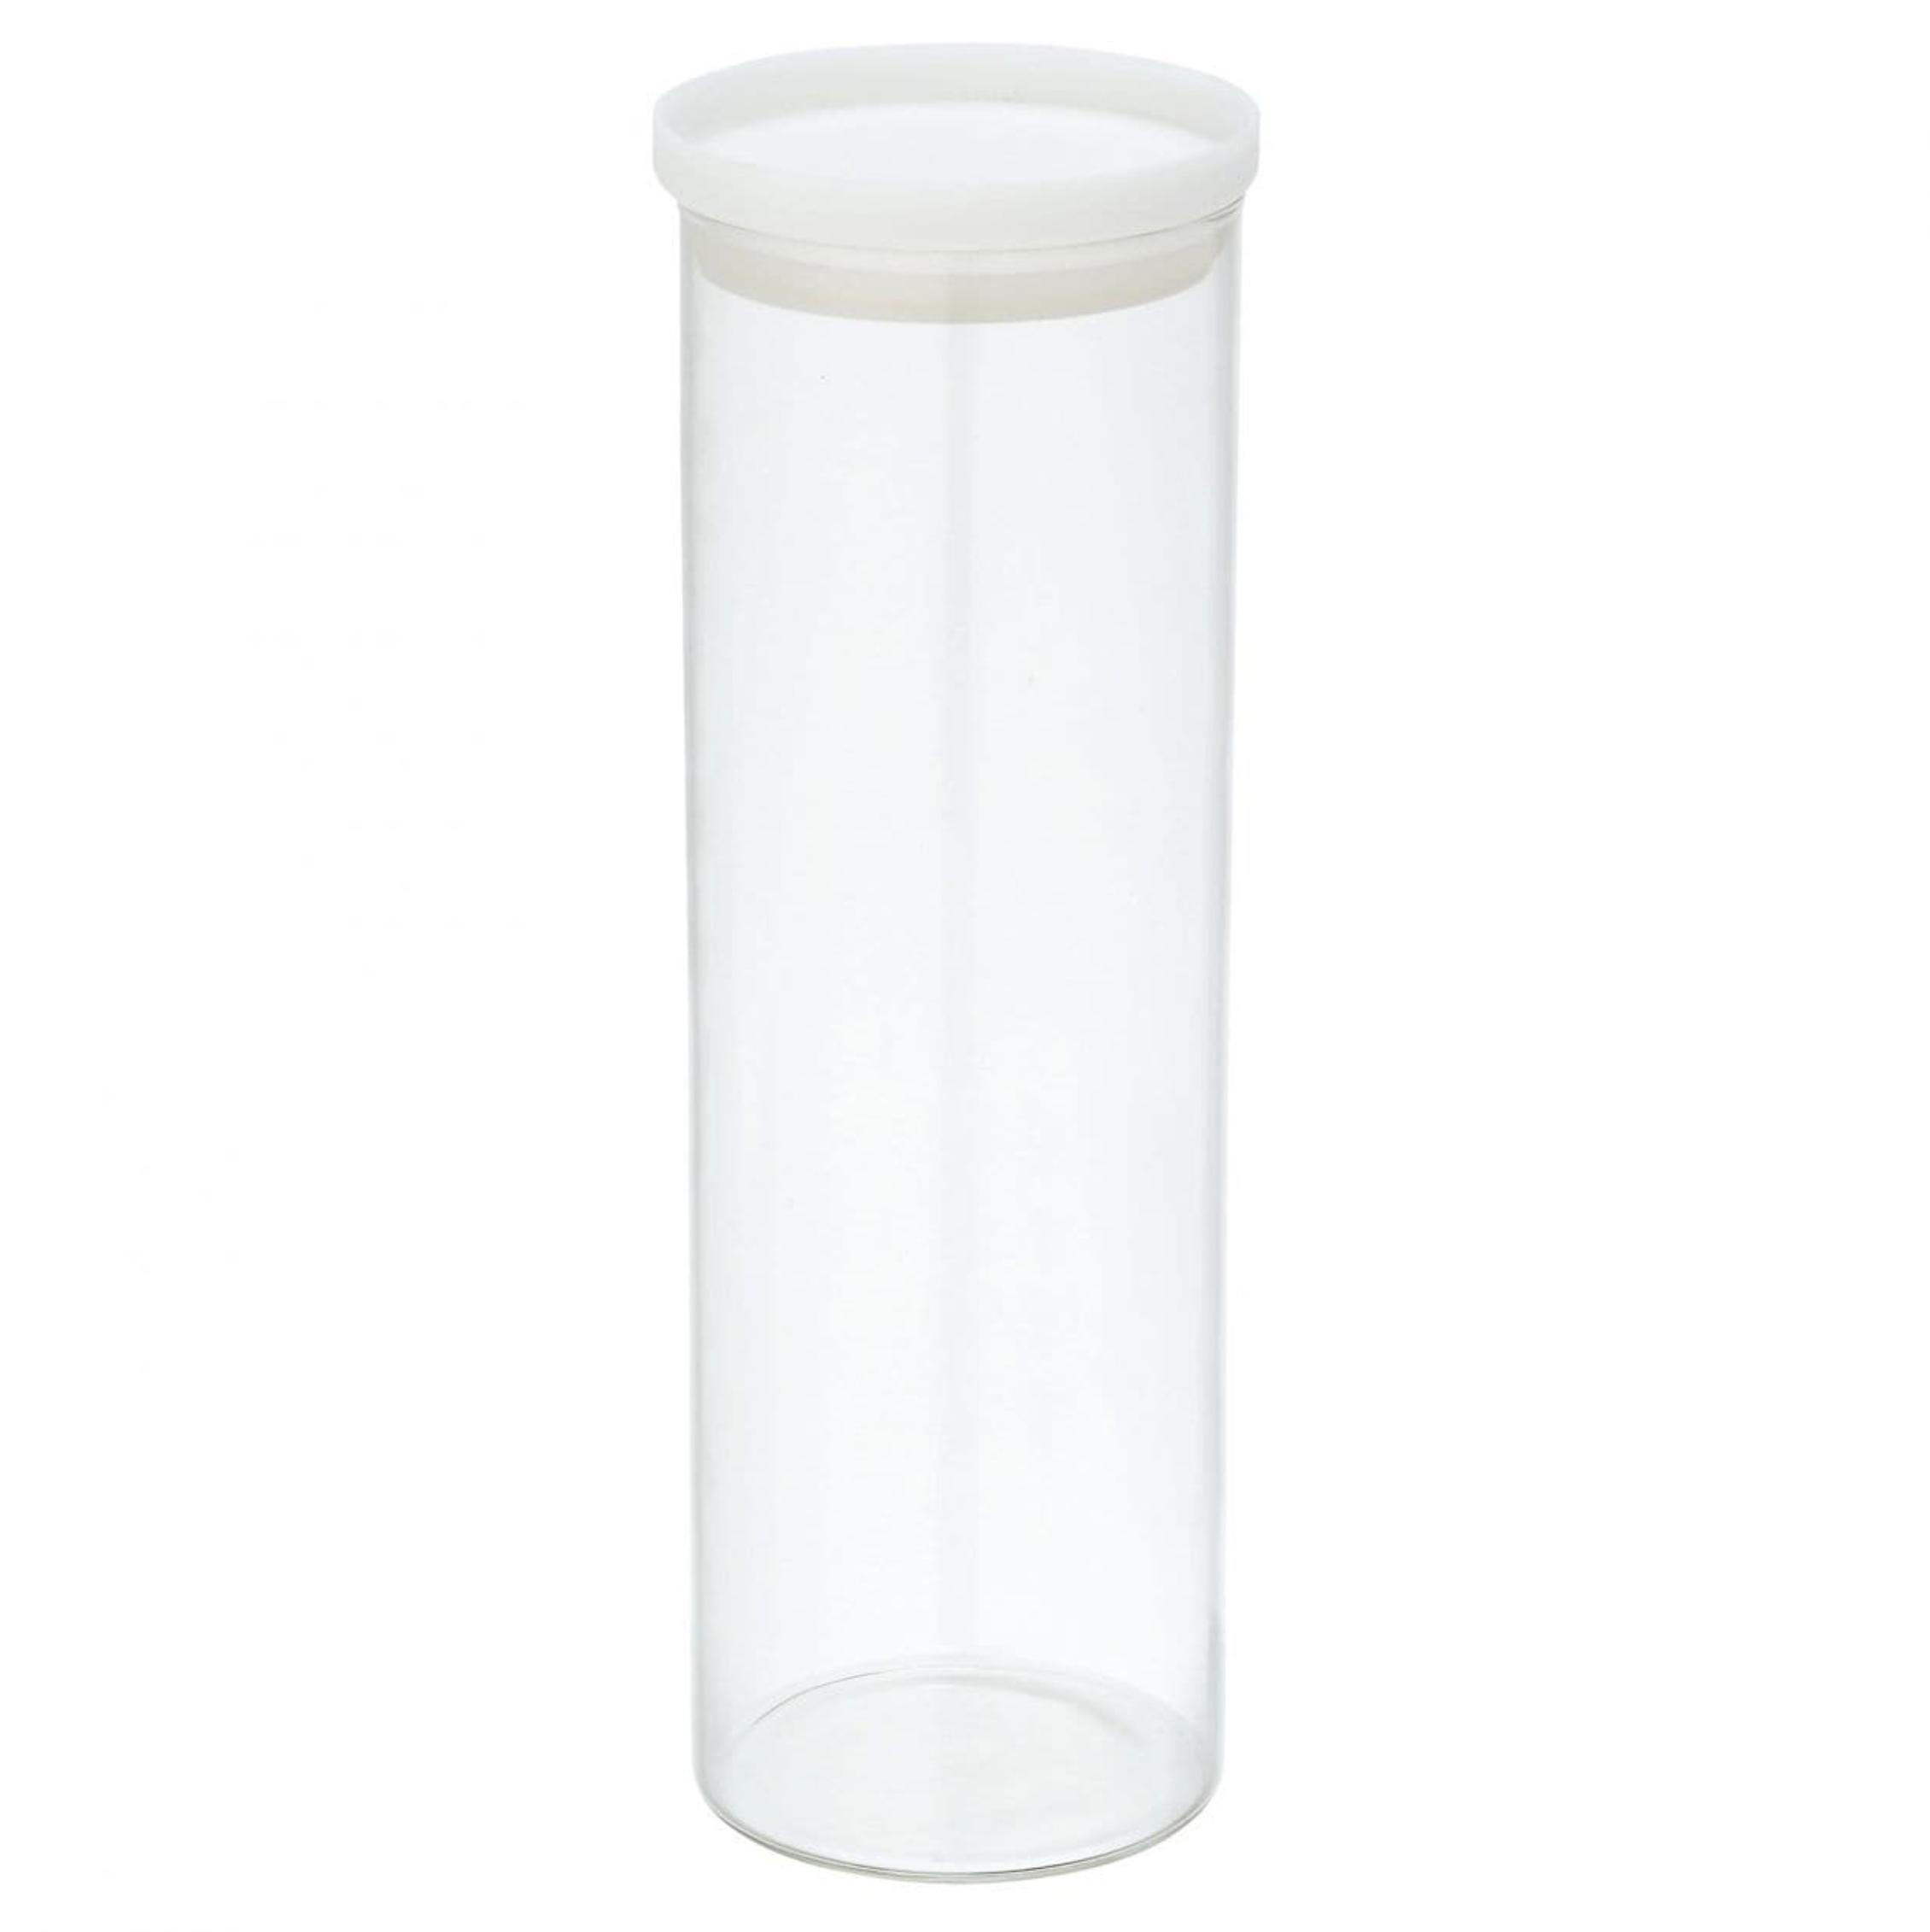 耐熱ガラス丸型保存容器